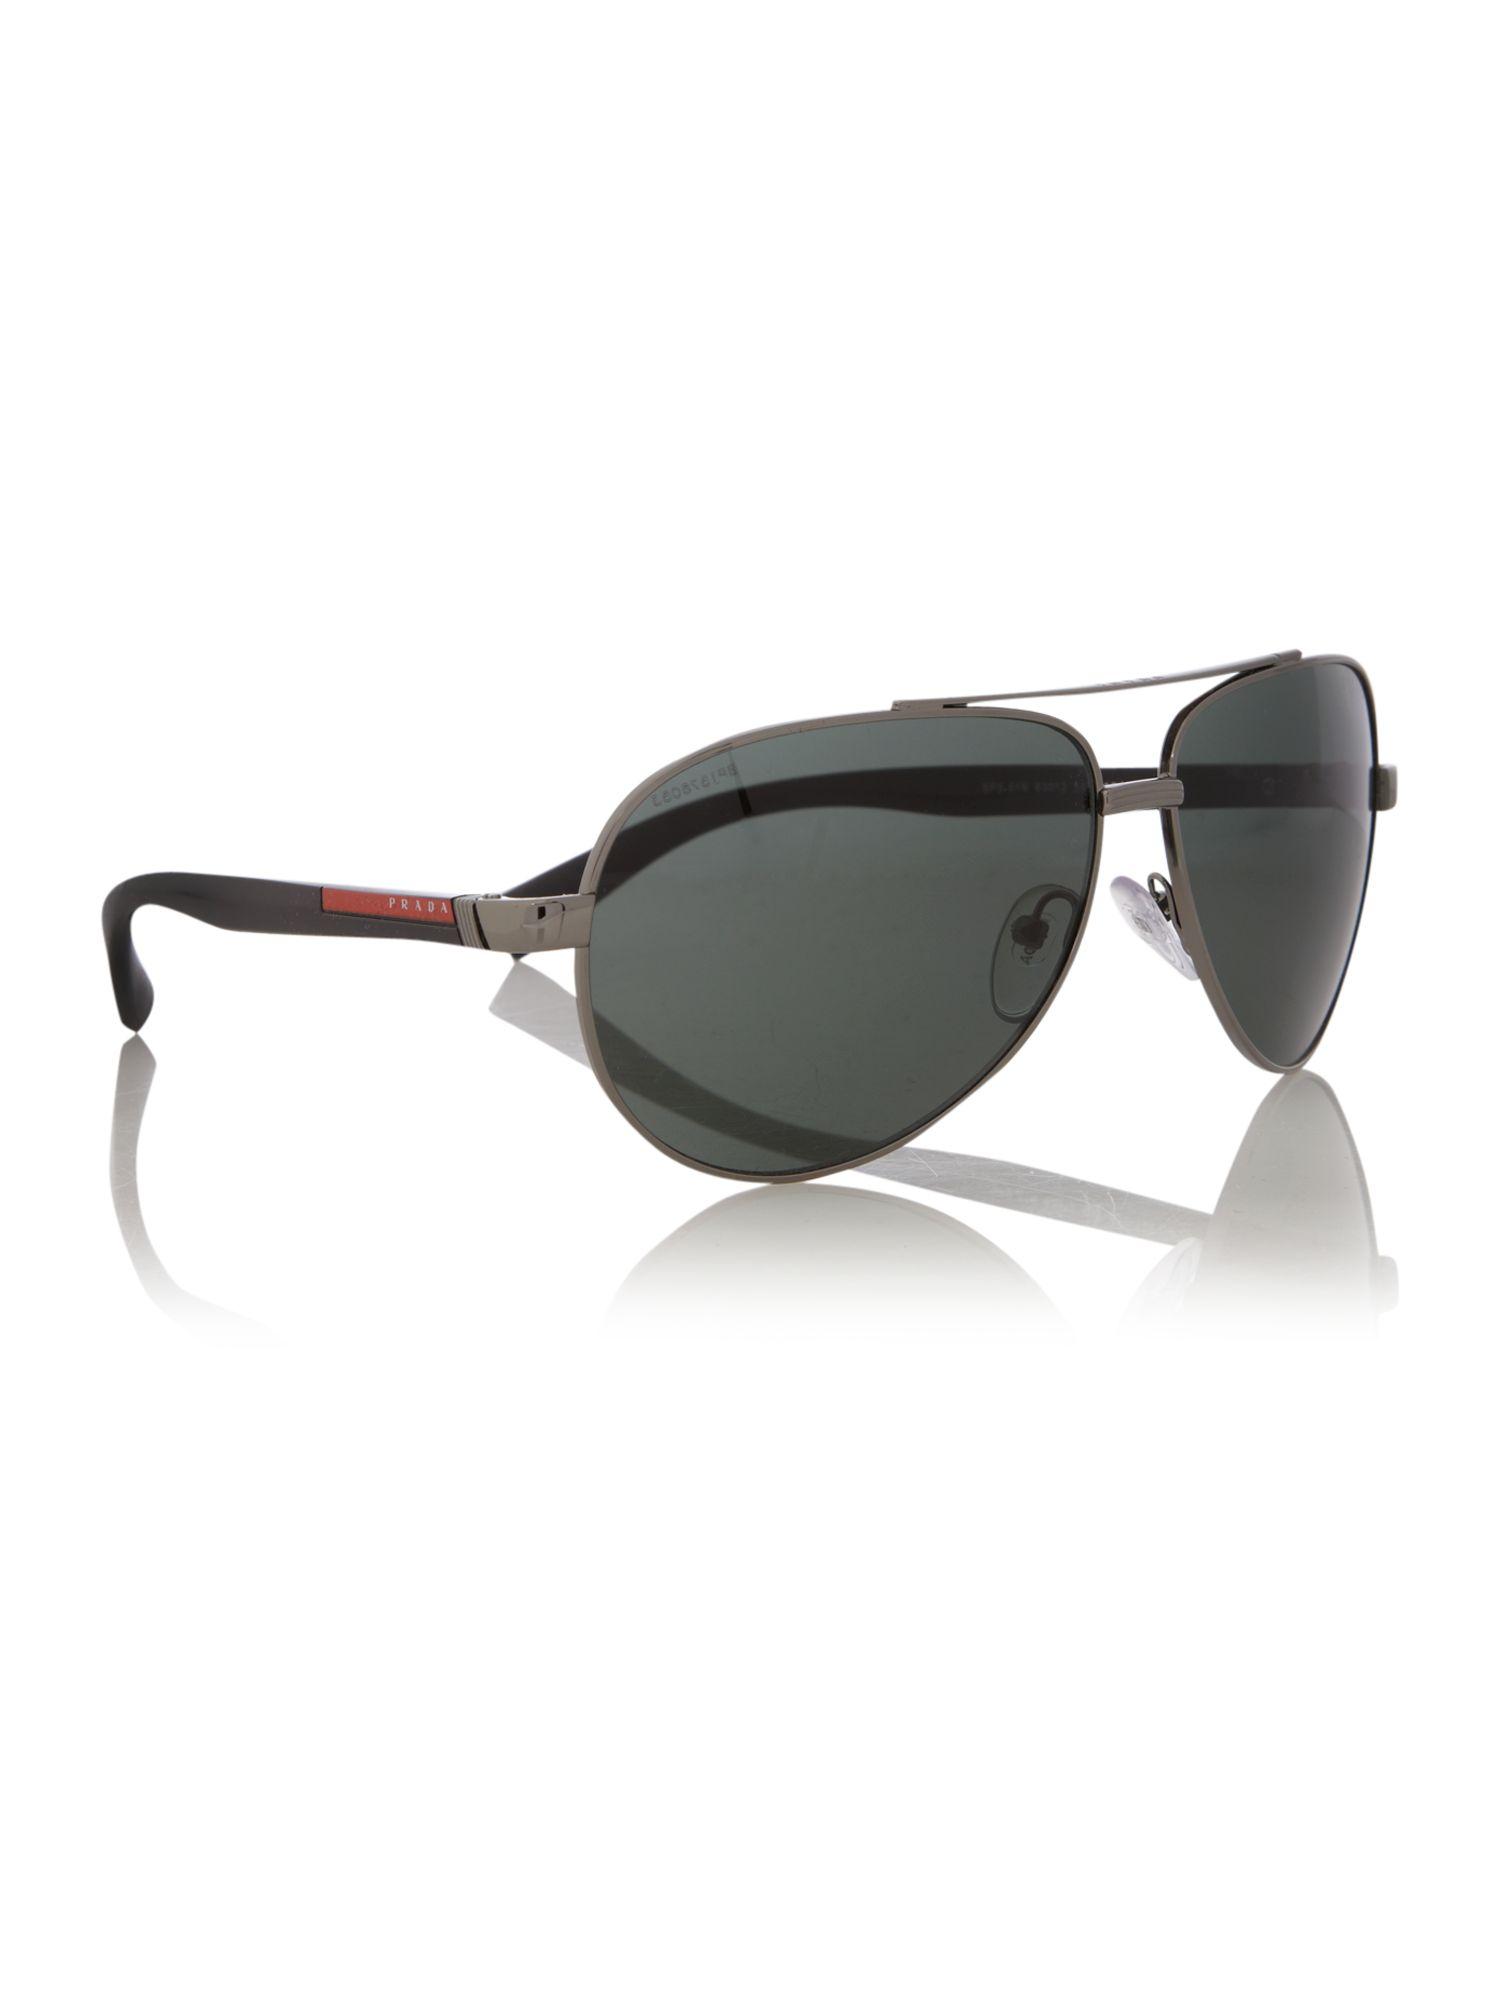 560007e0f856 Men s Red Prada Sunglasses